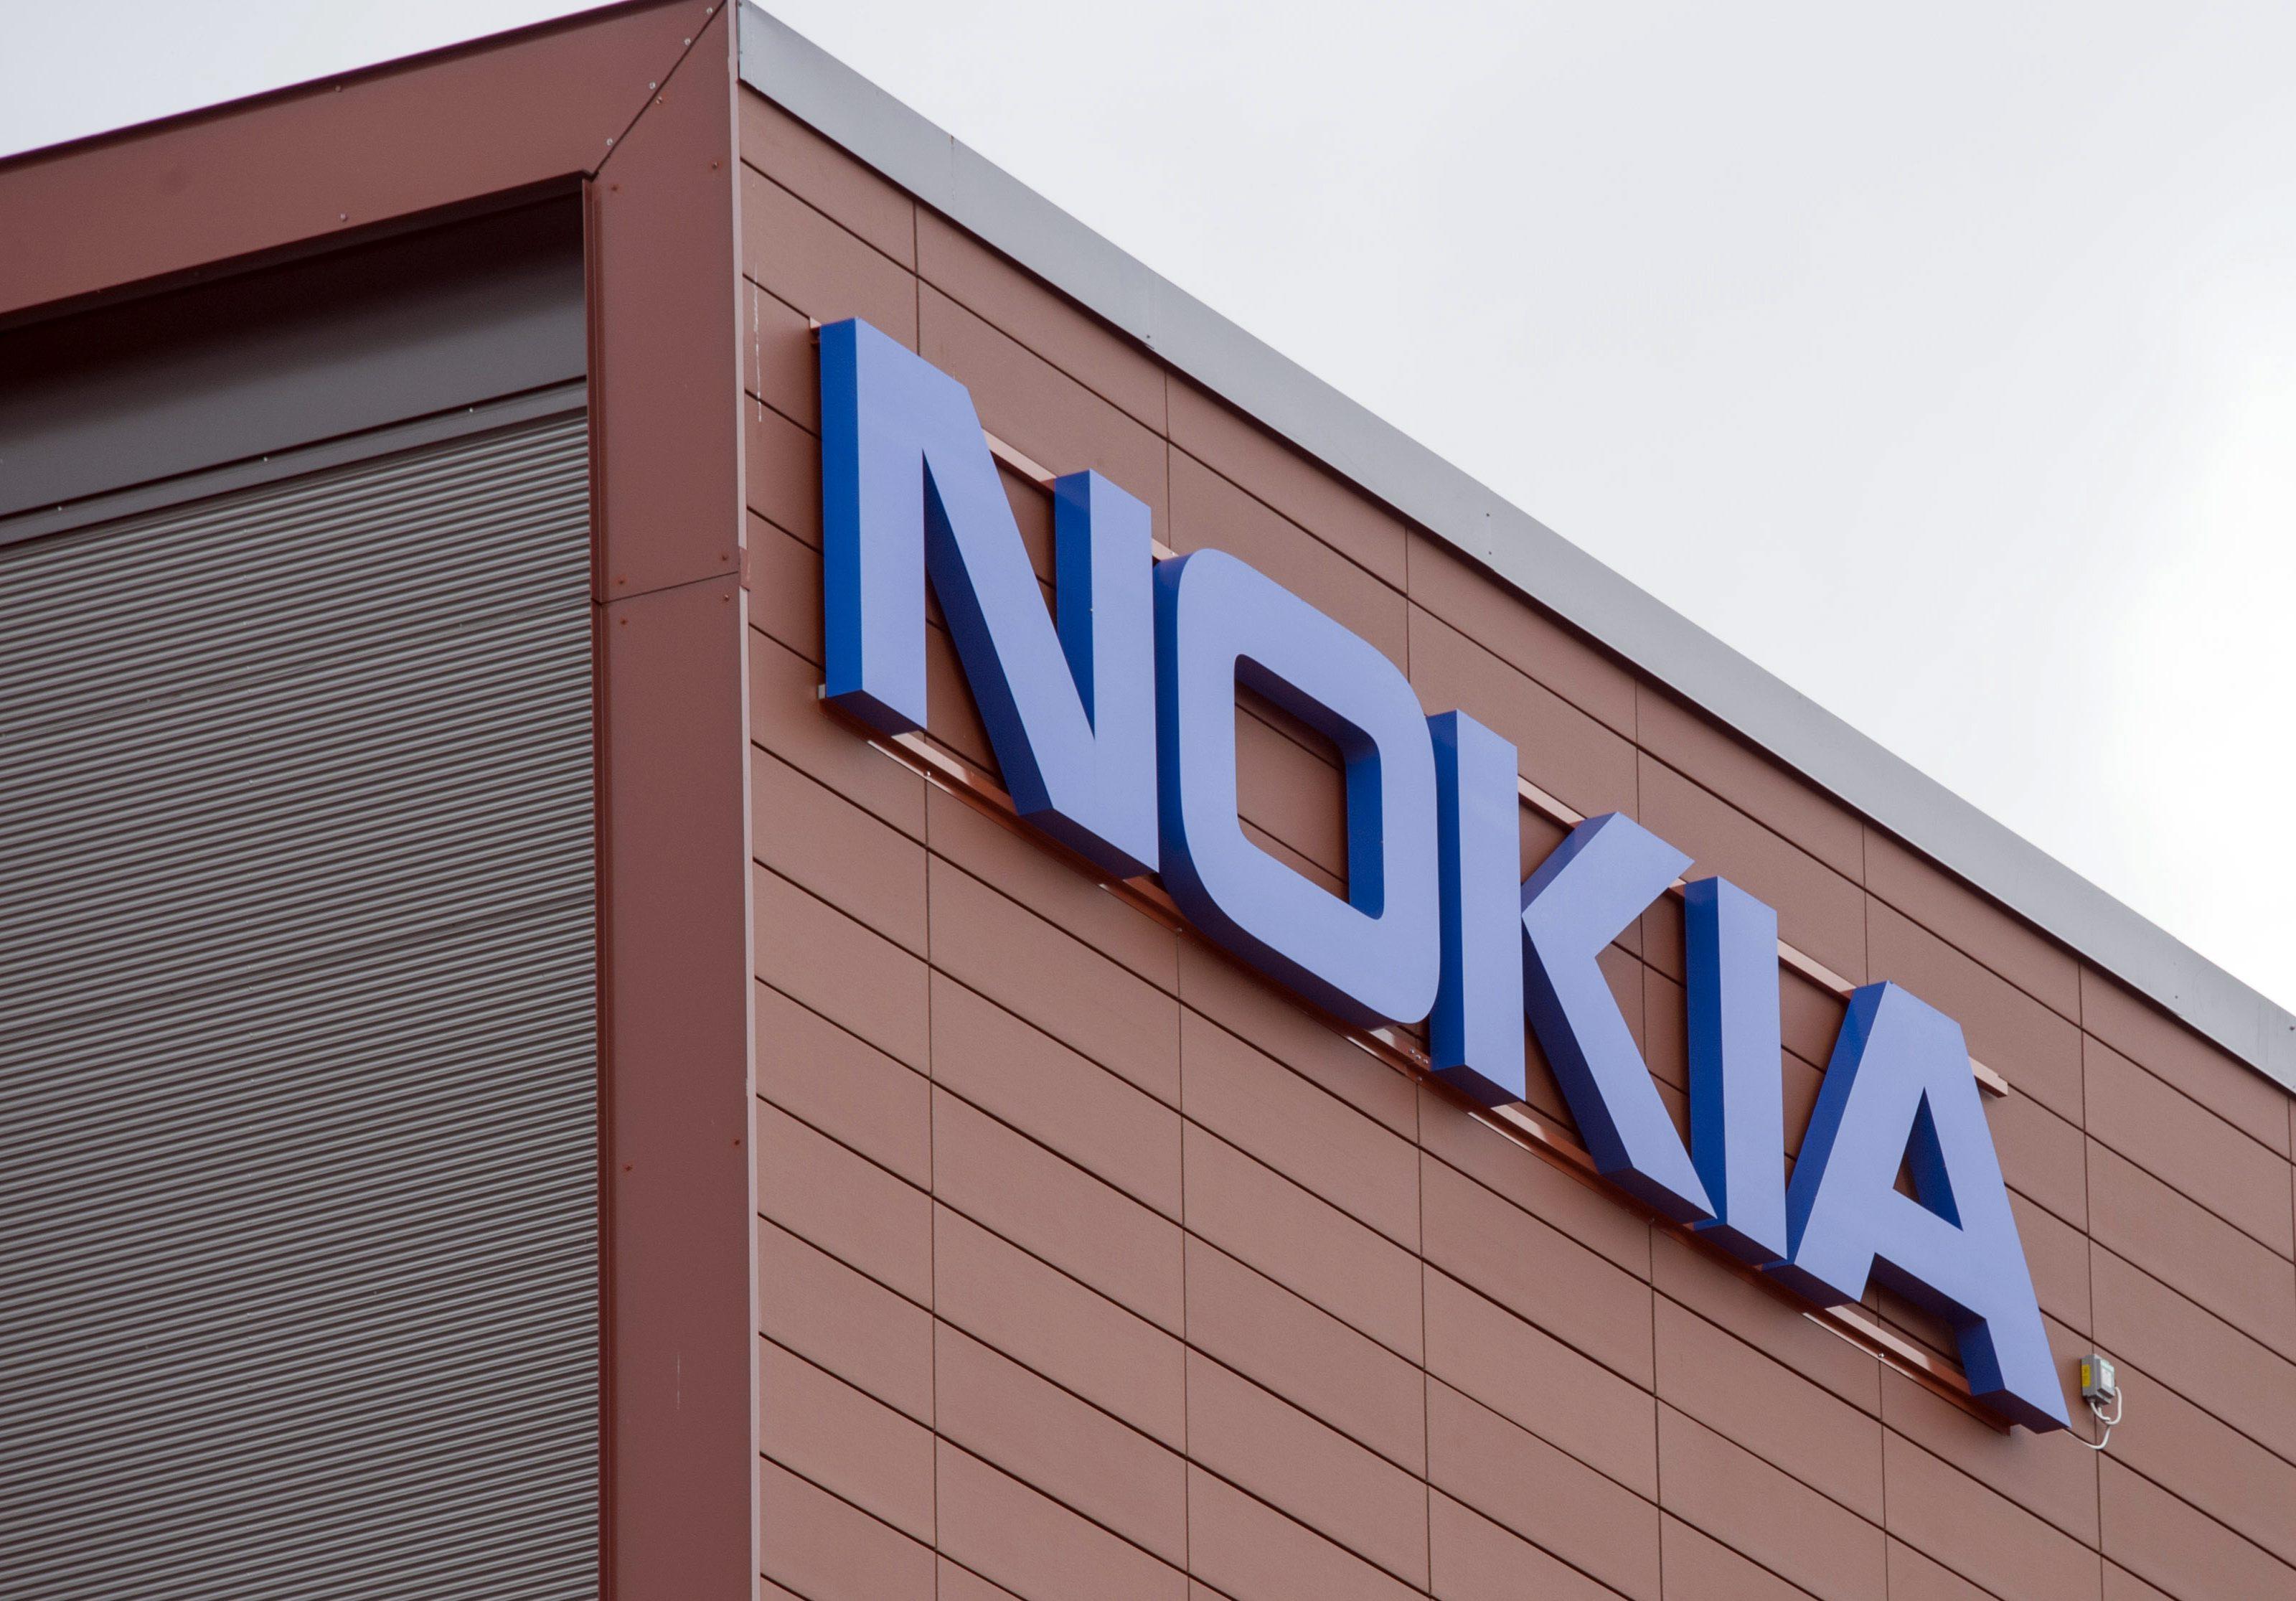 شایعات : گوشی های نوکیا D1C با قیمت پایه ۱۵۰ دلار عرضه می شوند